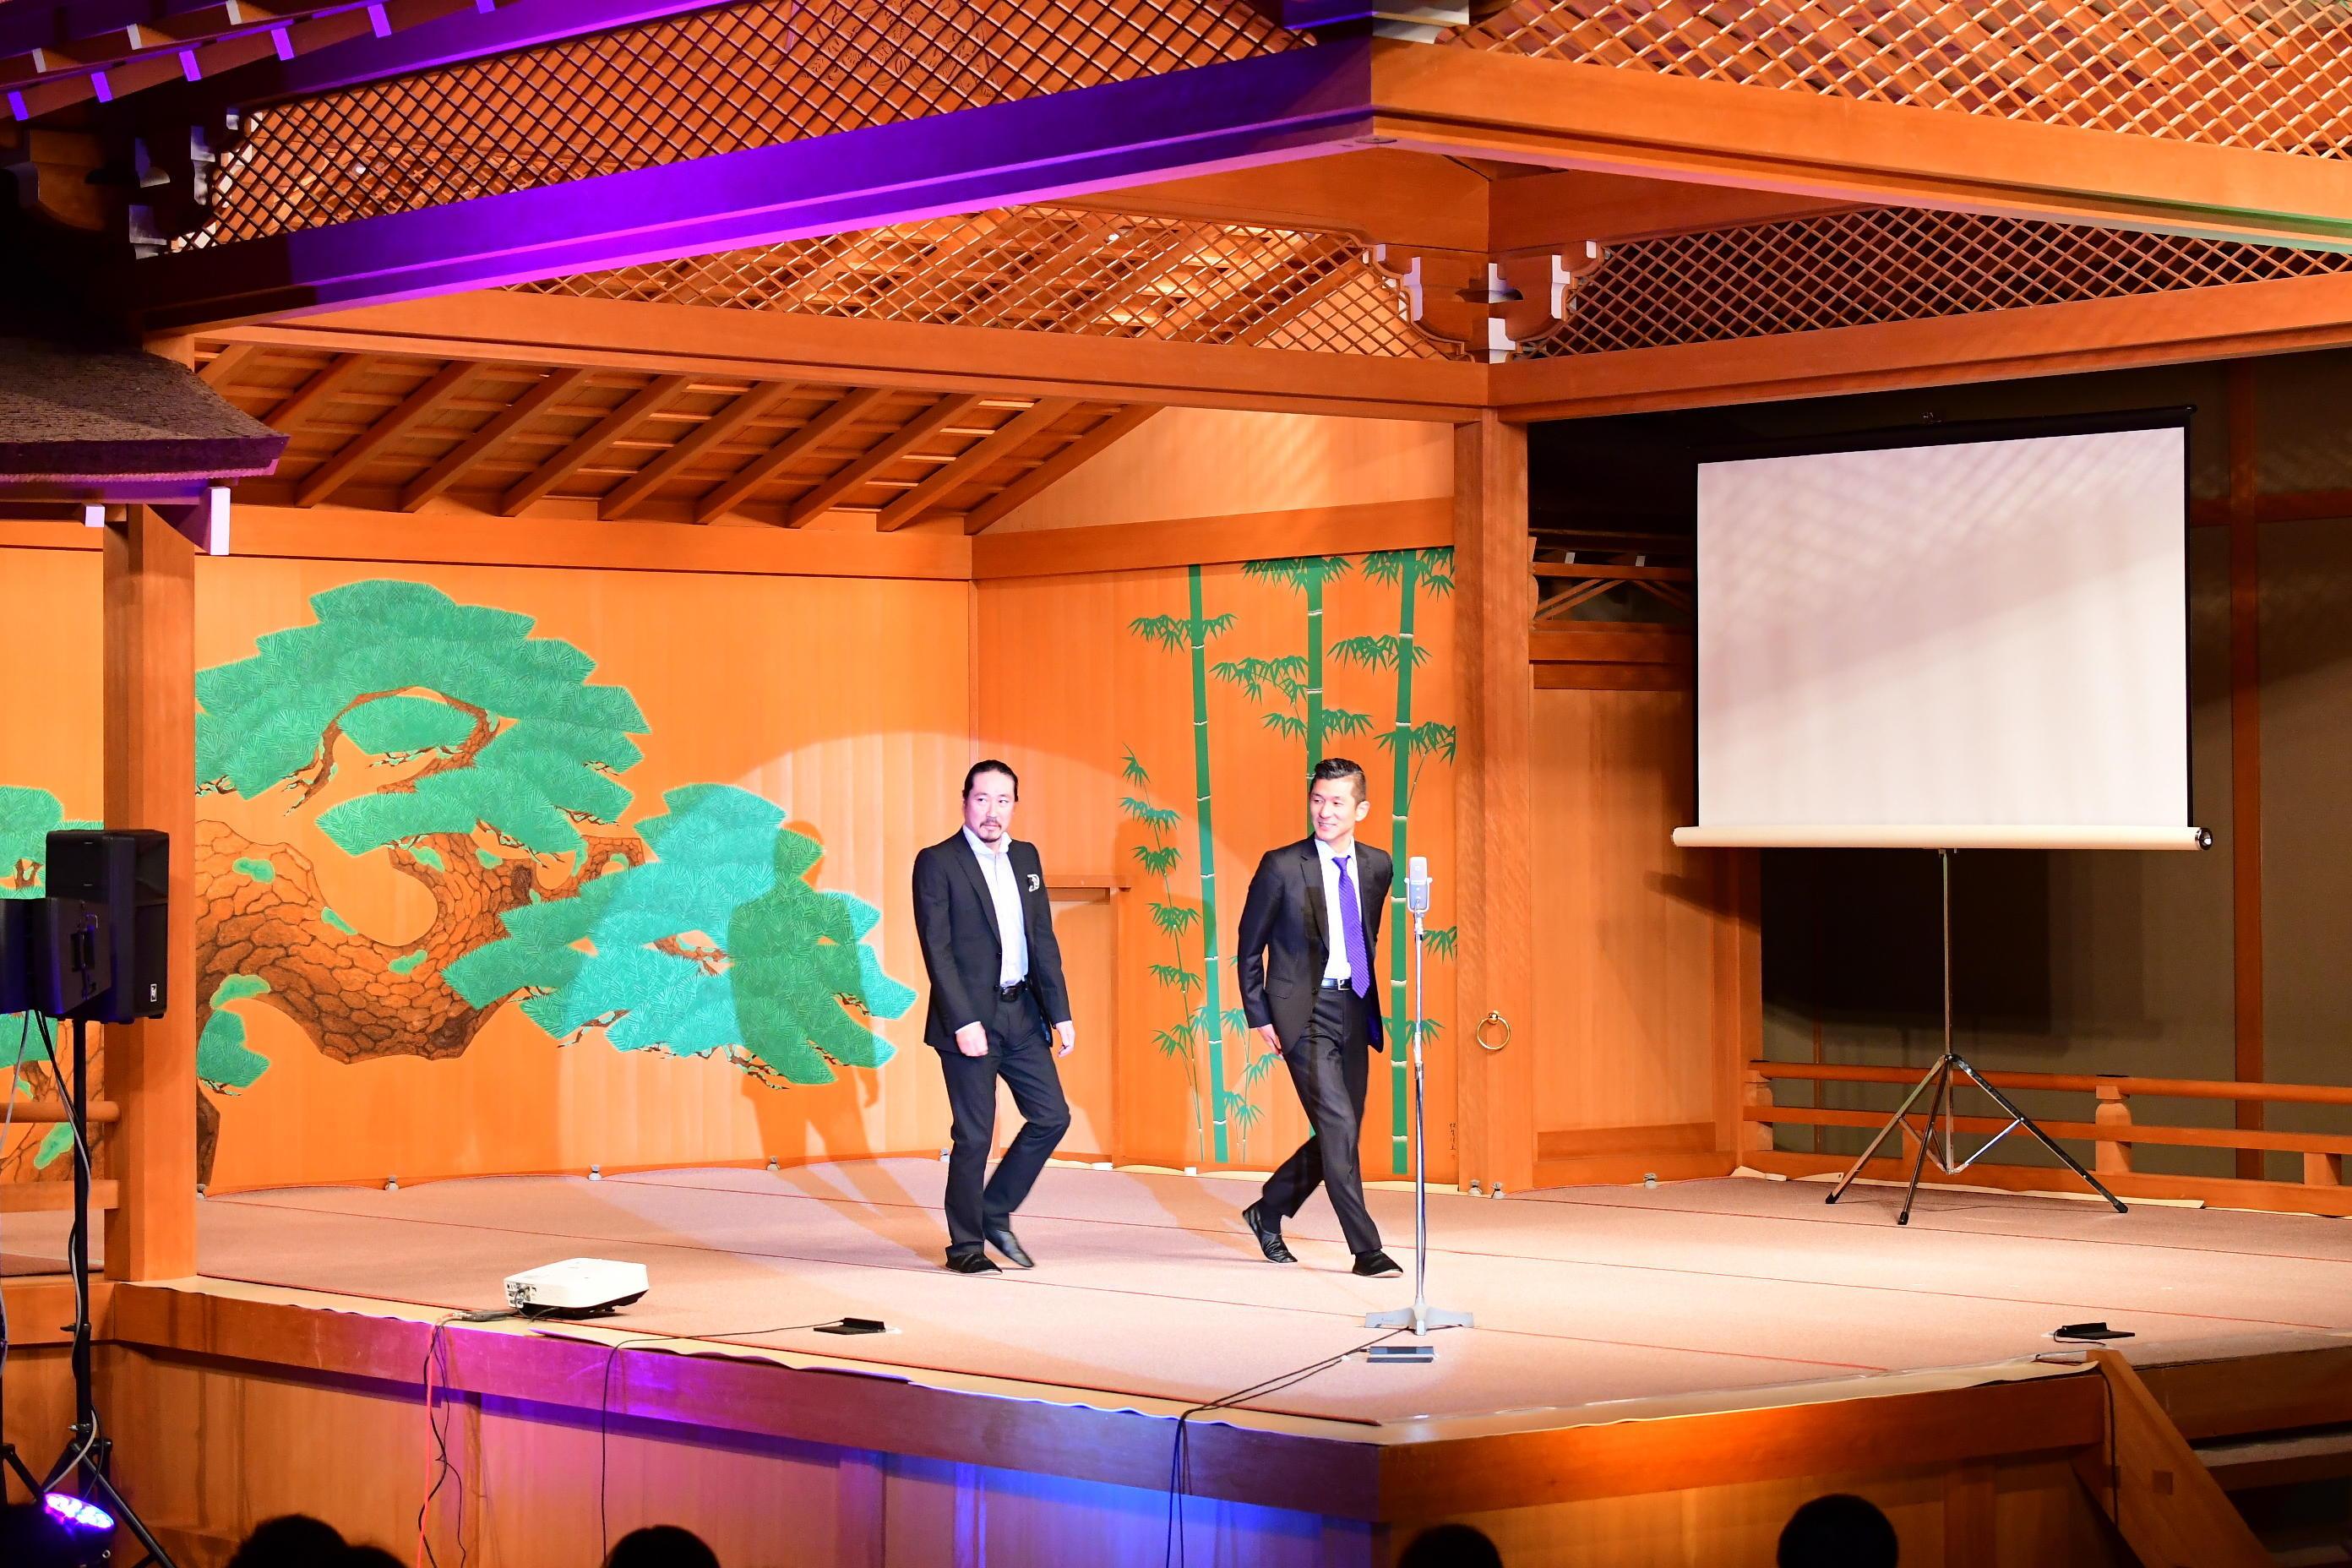 http://news.yoshimoto.co.jp/20170430094306-72f1db6e75d7153a1fc74ca64924b5687fefce91.jpg